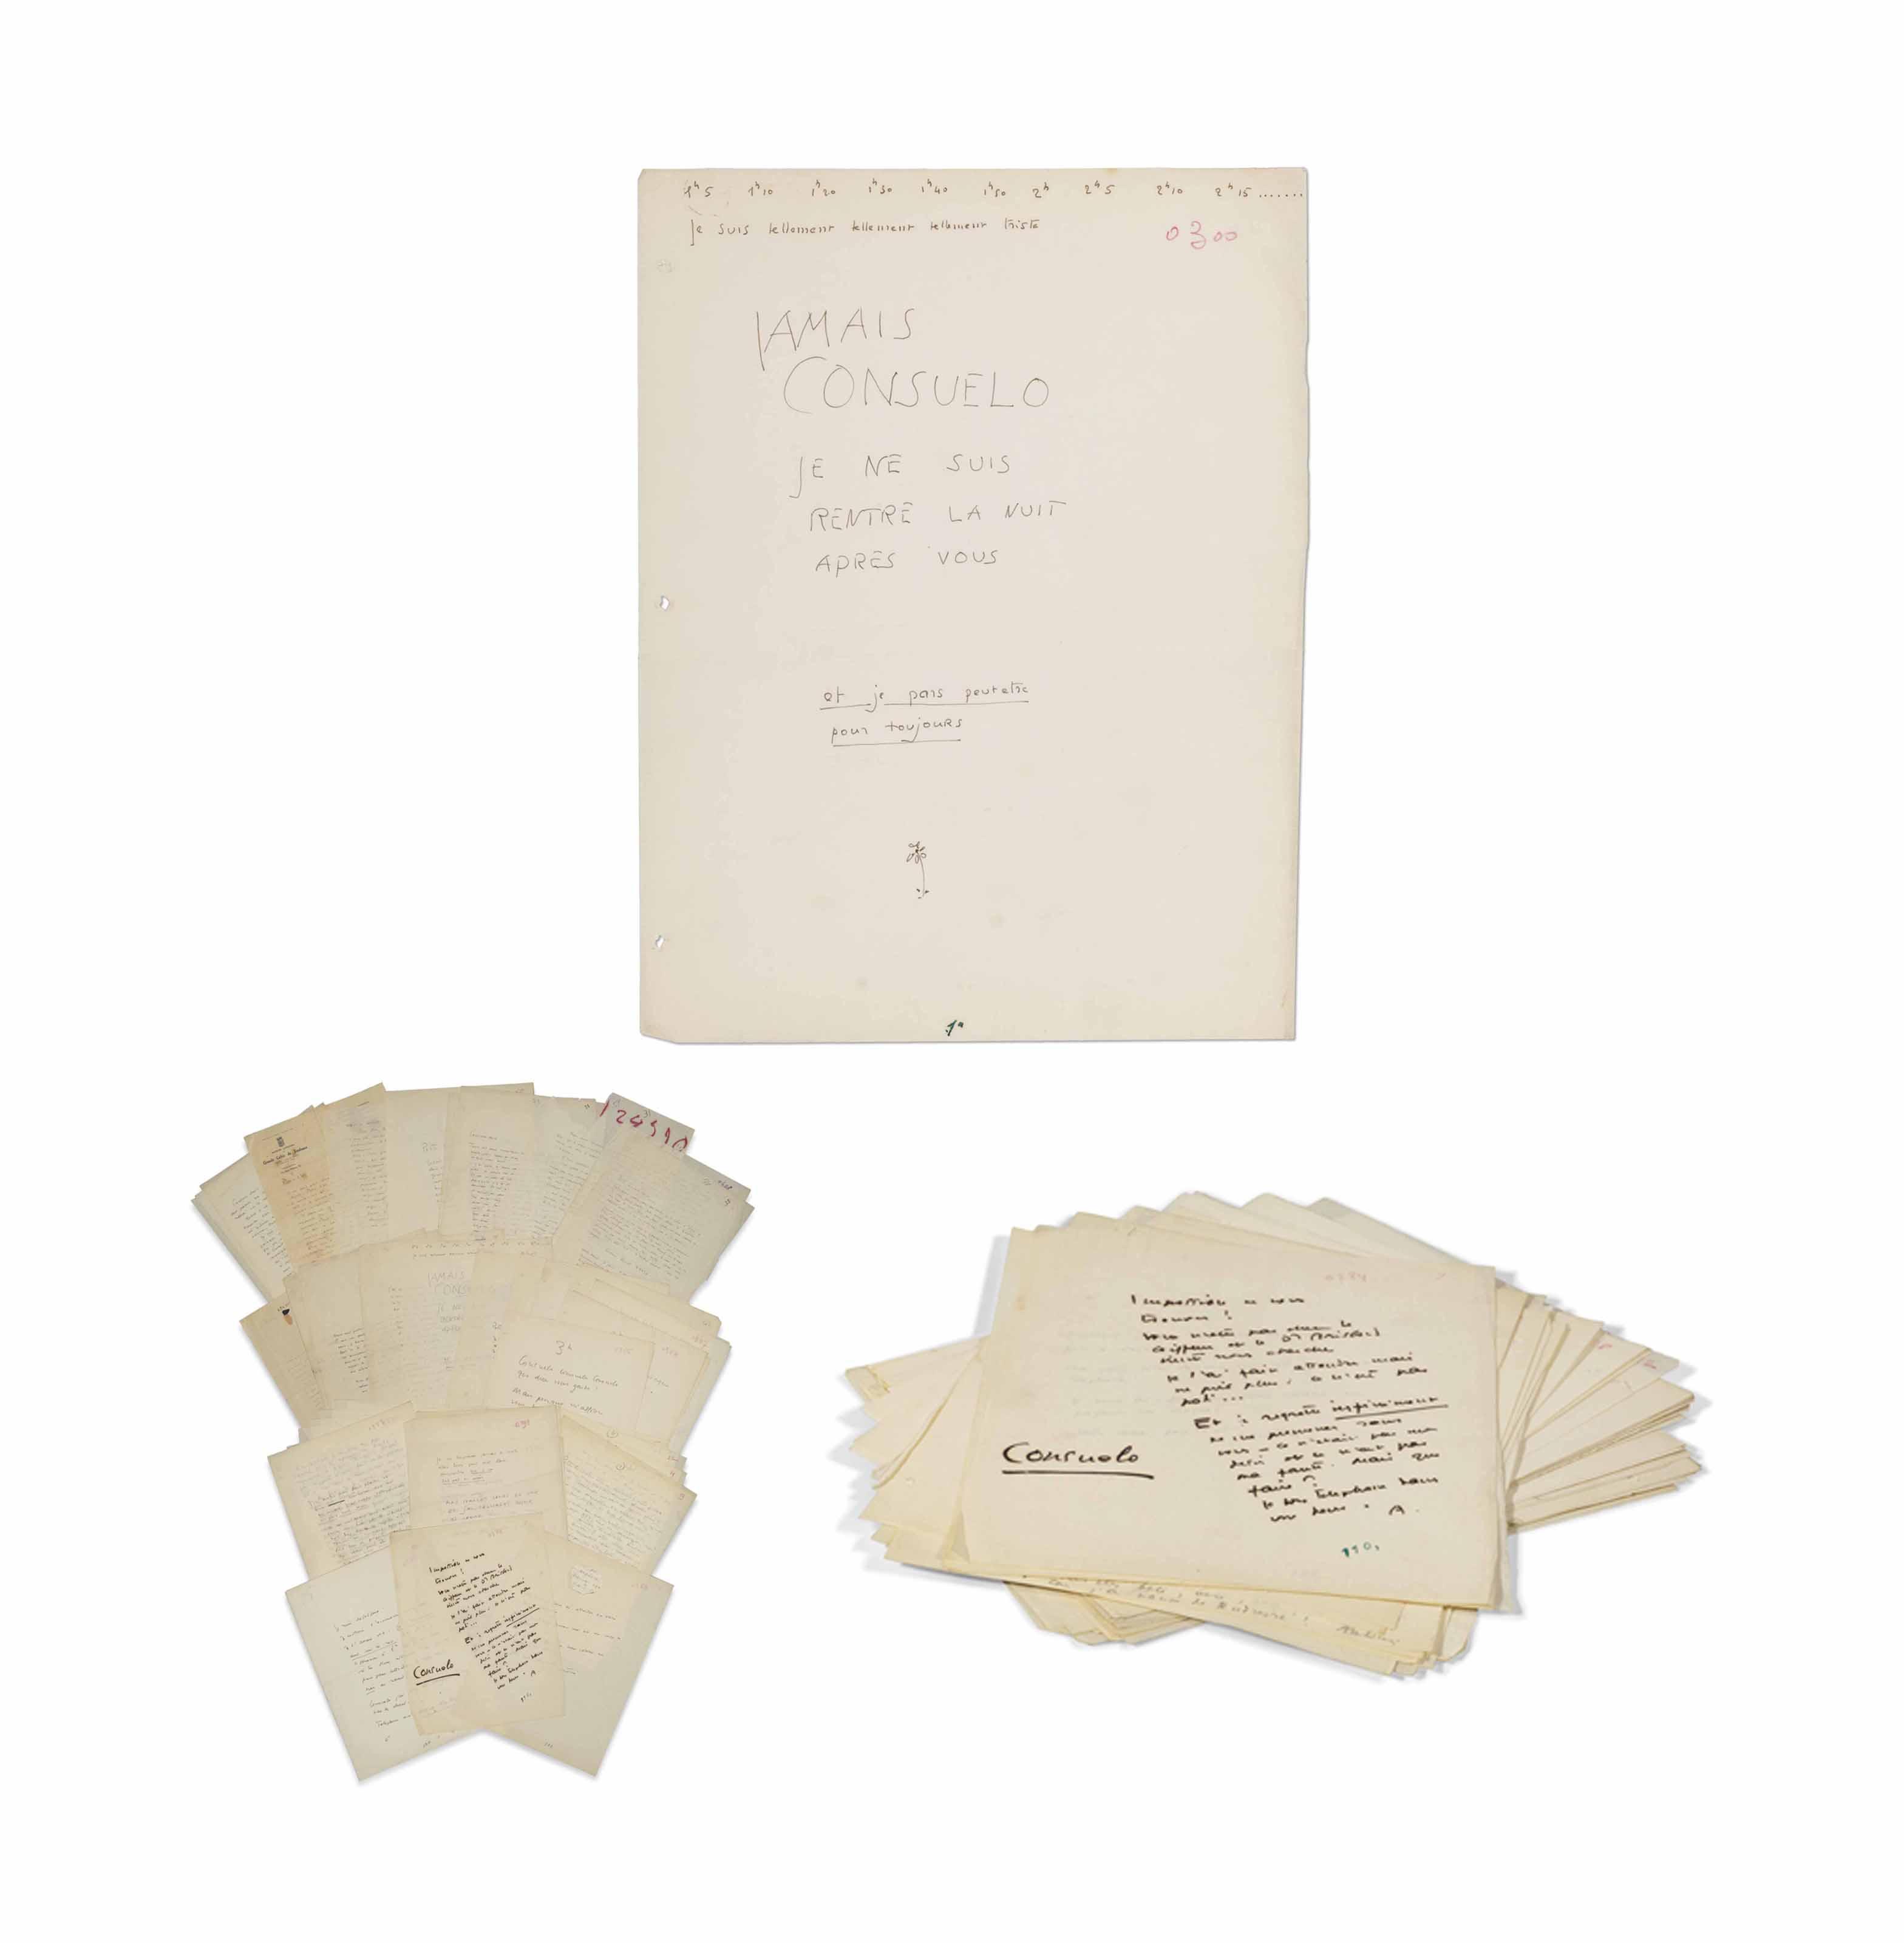 Antoine de SAINT-EXUPÉRY (1900-1944). 31 lettres et billets autographes dont 15 signés « Antoine » ou « A » à son épouse Consuelo. Non datés, [1931-1944]. 52 pages in-4 (270 x 210 mm), un feuillet à en-tête de la Société anonyme des Grands Cafés de Toulouse. À l'encre ou au crayon, la plupart sur papier pelure, certains feuillets avec traces de perforation, quatre avec petites déchirures ou découpures sans atteinte au texte, avec des numéros de différentes collations portés au crayon ou à l'encre. Une lettre de 10 pages, une autre de 8 et 3 lettres incomplètes.